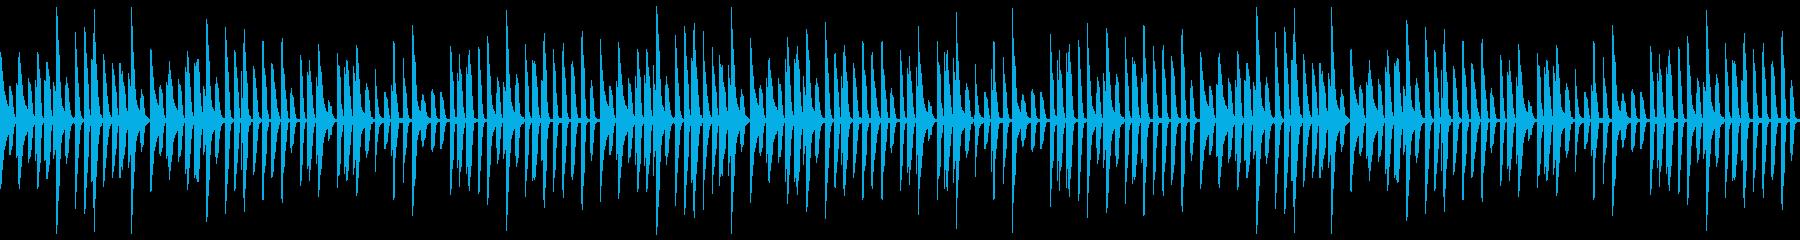 かわいいピアノの行進LOOP_Bの再生済みの波形